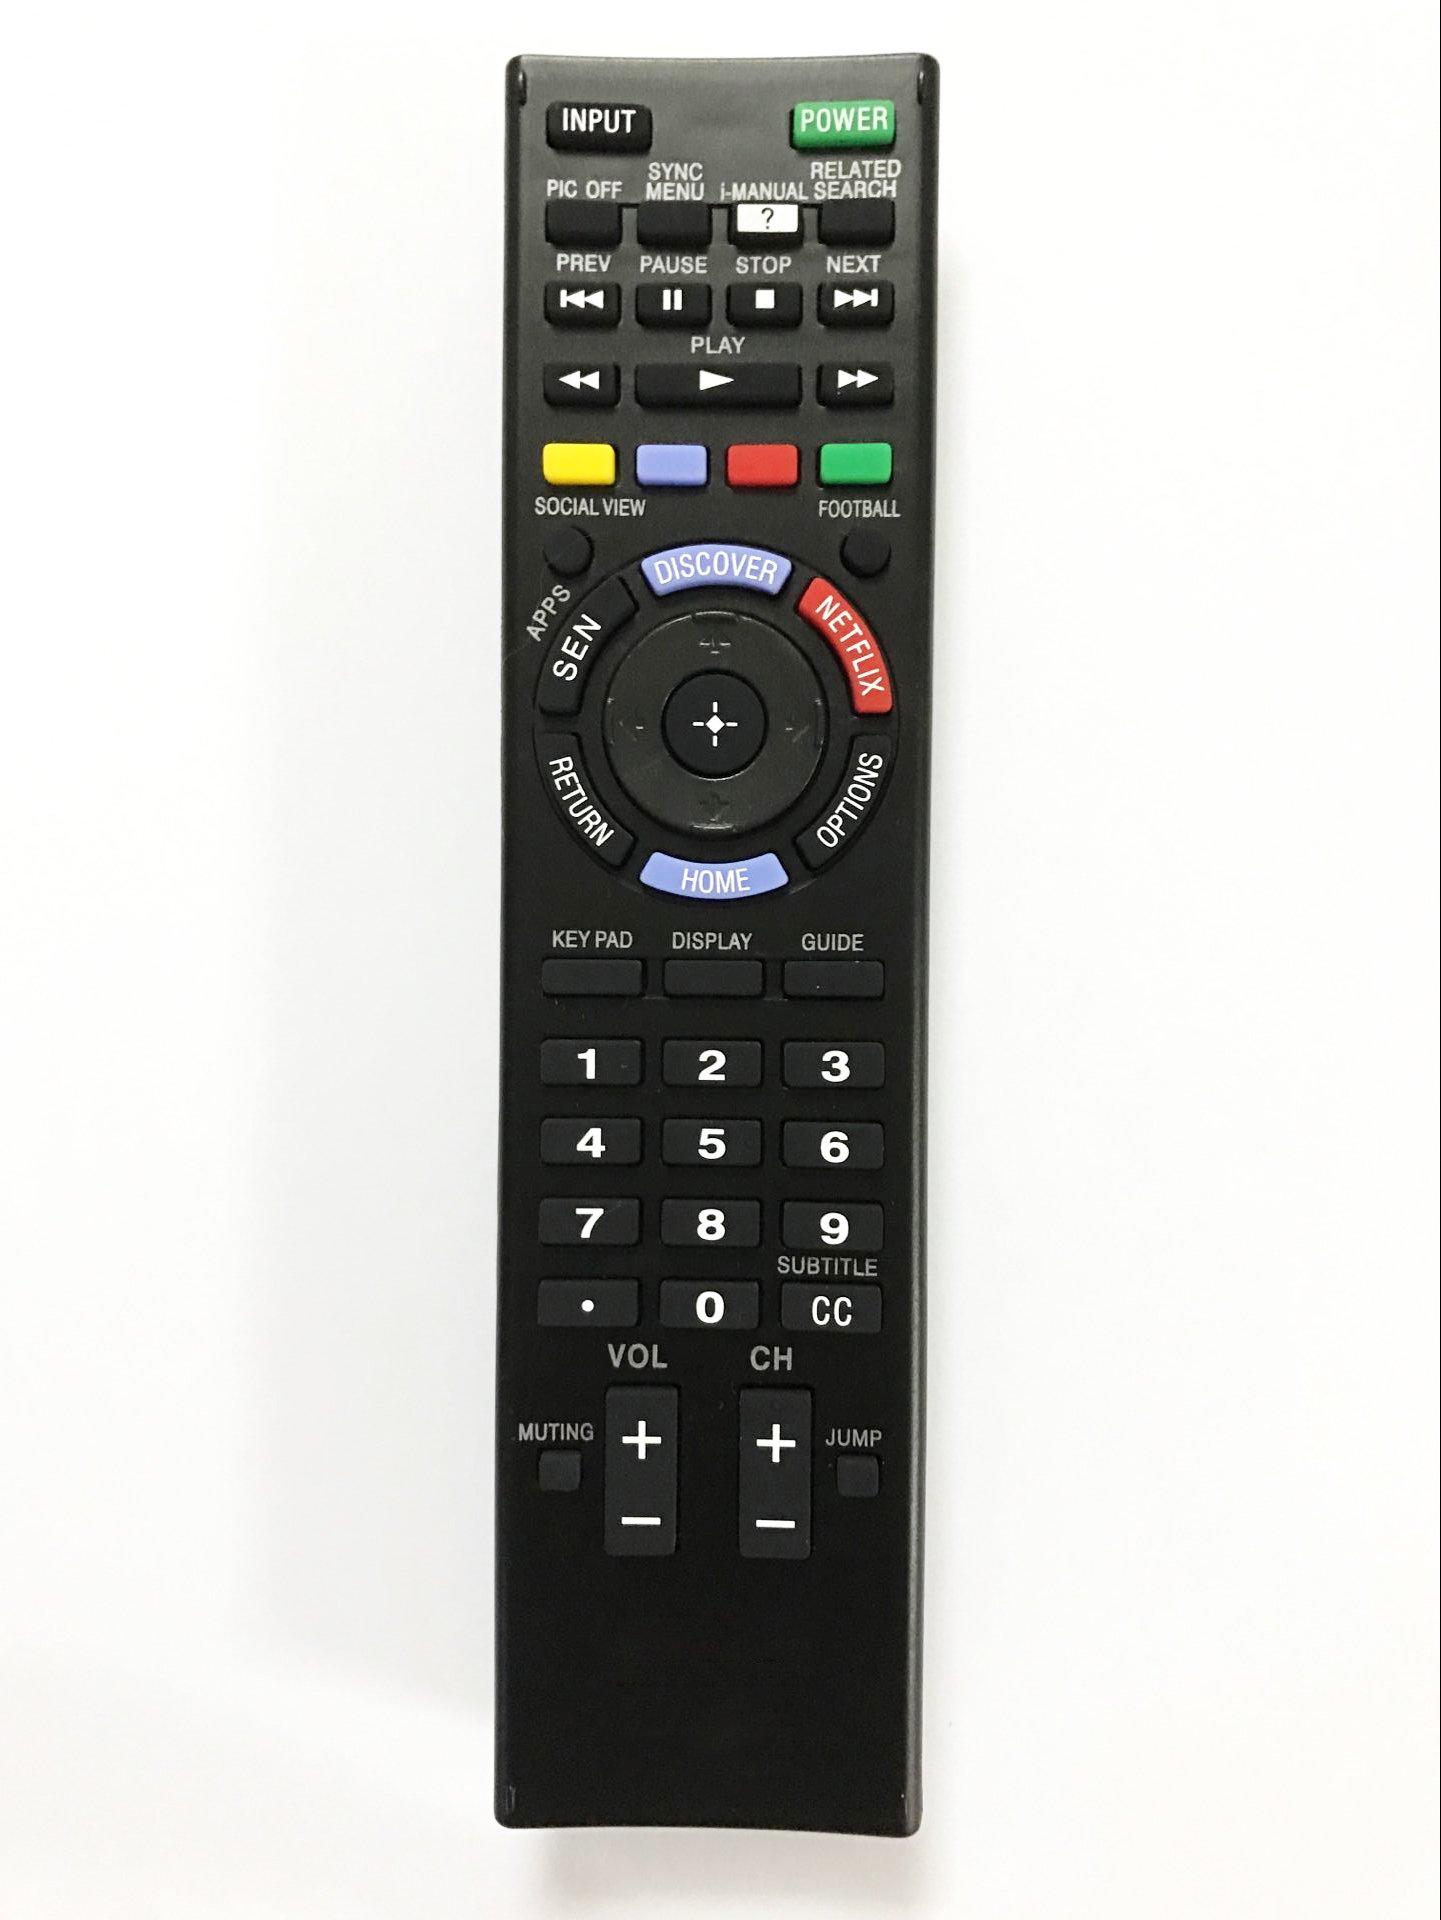 Control Remoto Kdl 48w600b Kdl 60w610b Kdl 70x830b Kdl 55...